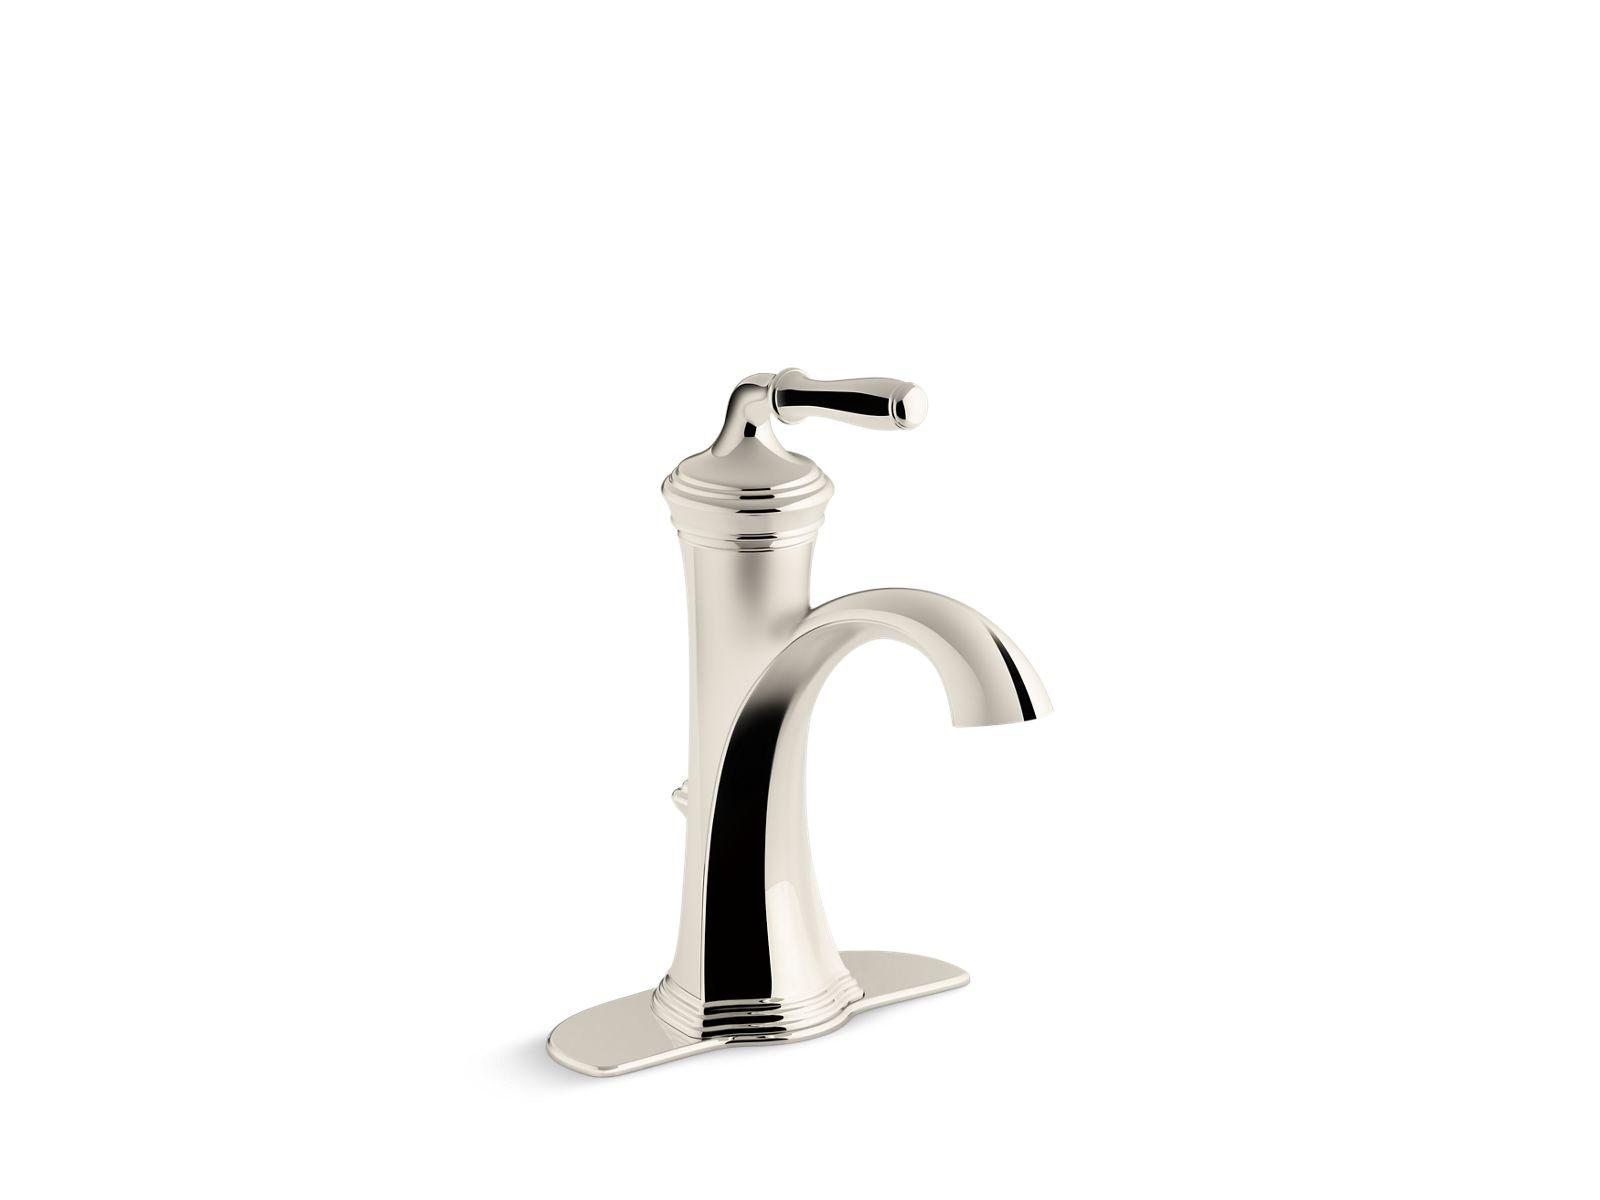 Devonshire Single-Handle Bathroom Sink Faucet | K-193-4 | KOHLER